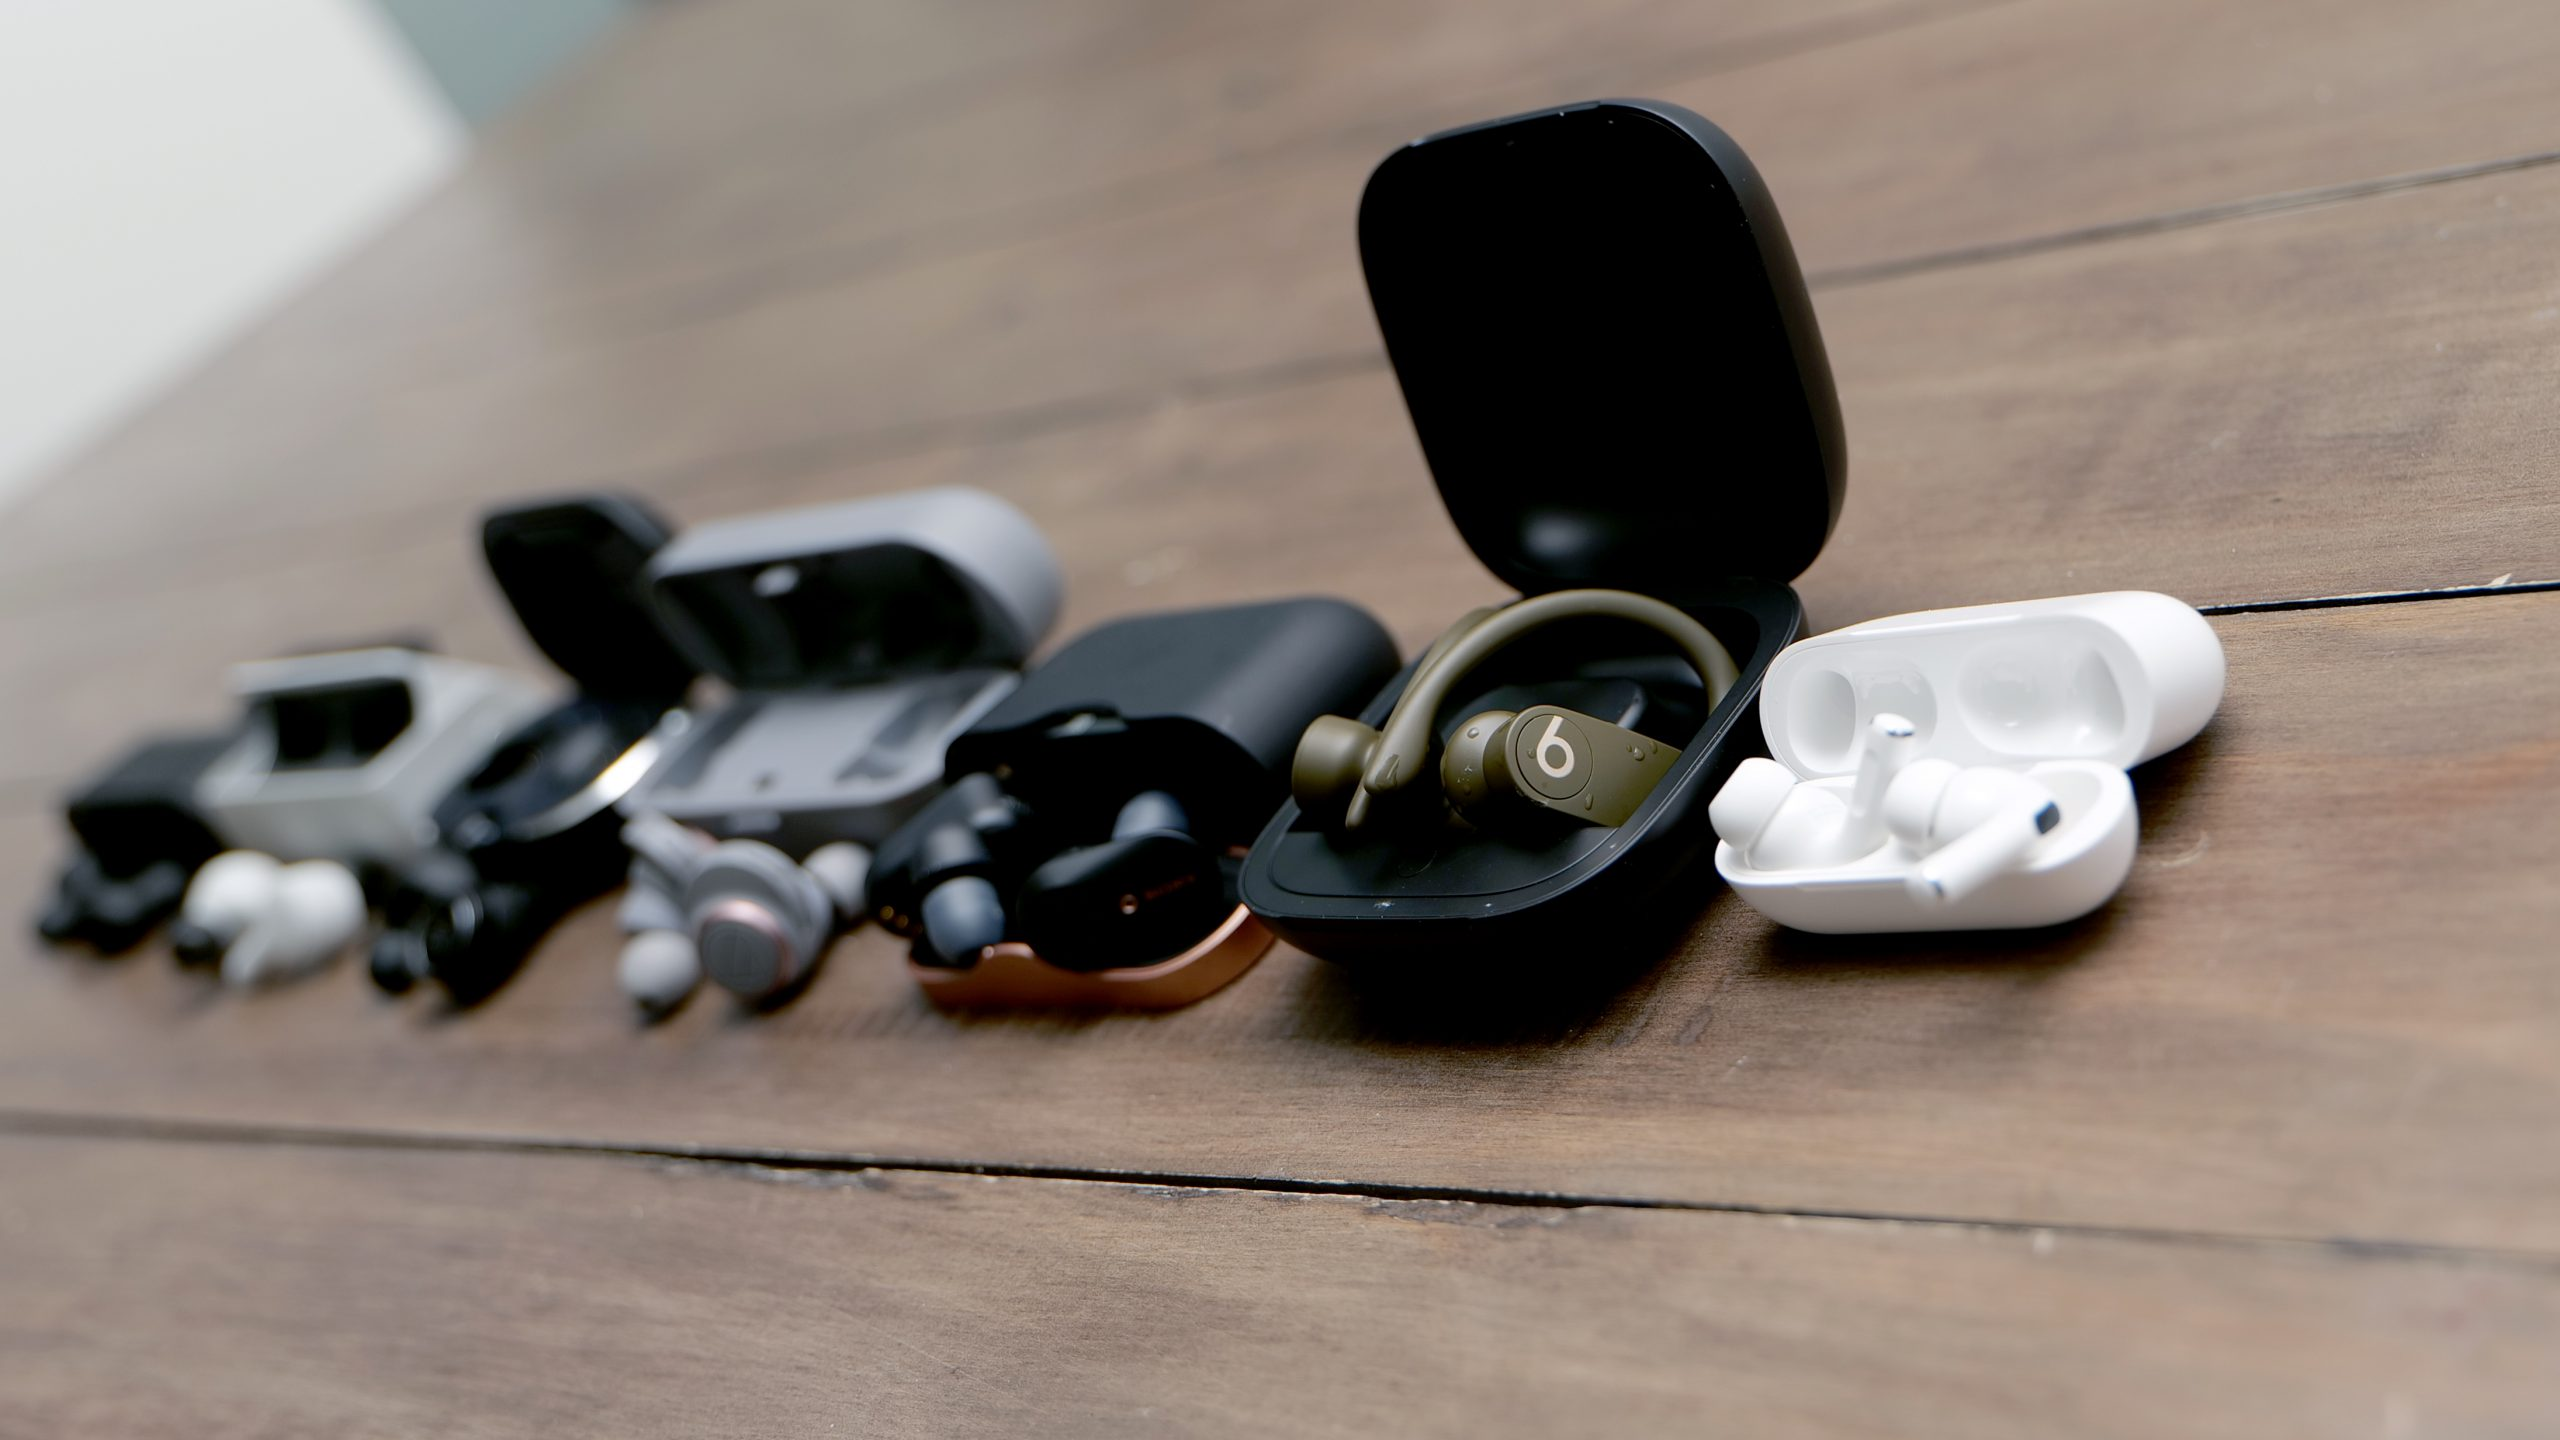 Från höger till vänster: Apple AirPods Pro, Beats Powerbeats Pro, Sony WF-1000XM3, Audio-Technica ATH-CKR7TW, B&O Beoplay E8 2.0, RHA TrueConnect och Supra Nero-TX.